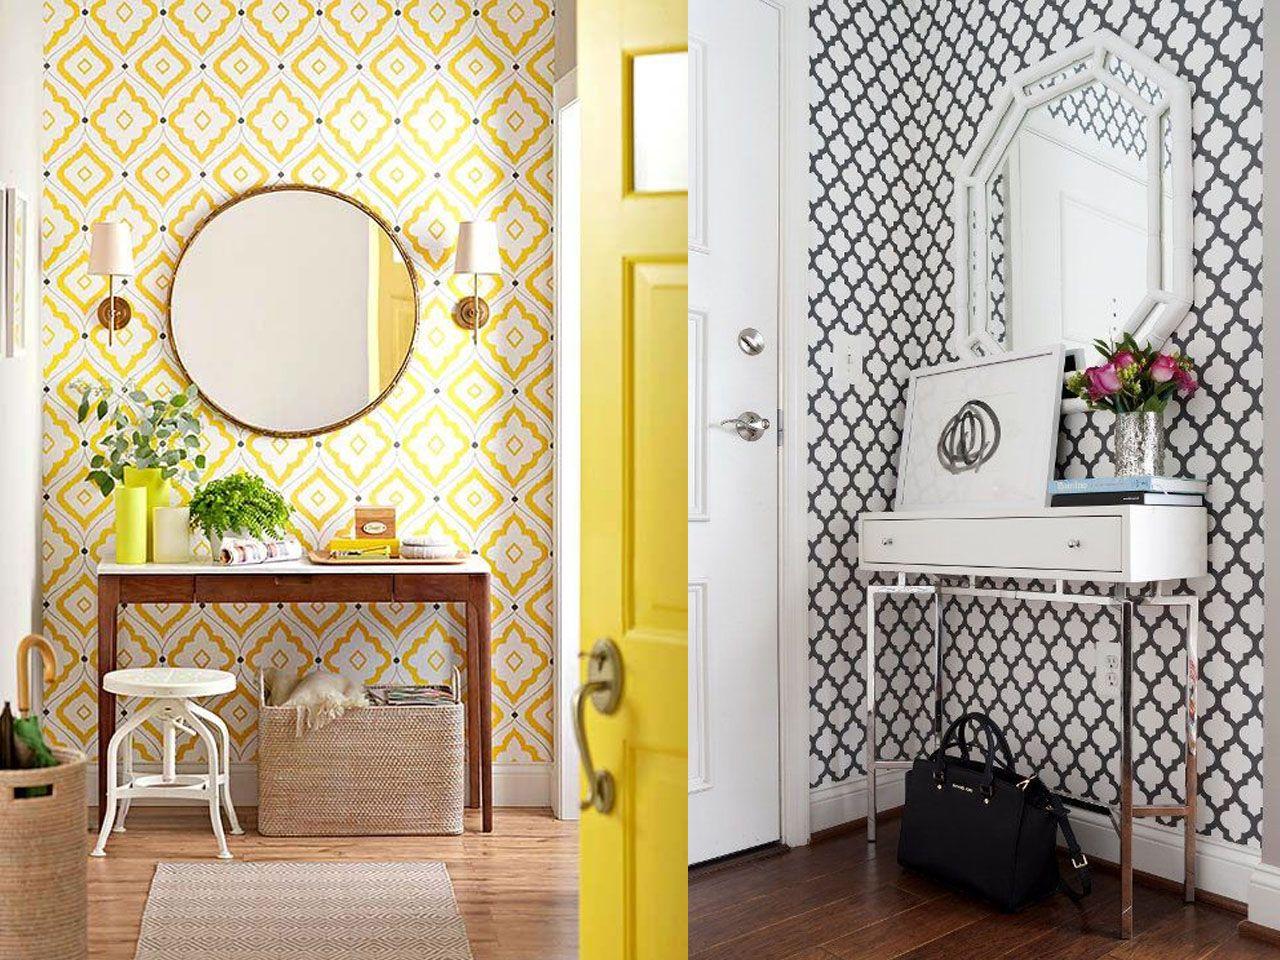 5 ideas sobre cmo decorar un recibidor pequeo recibidores pequeospapel pintadodecoracin - Papel Pintado Recibidor